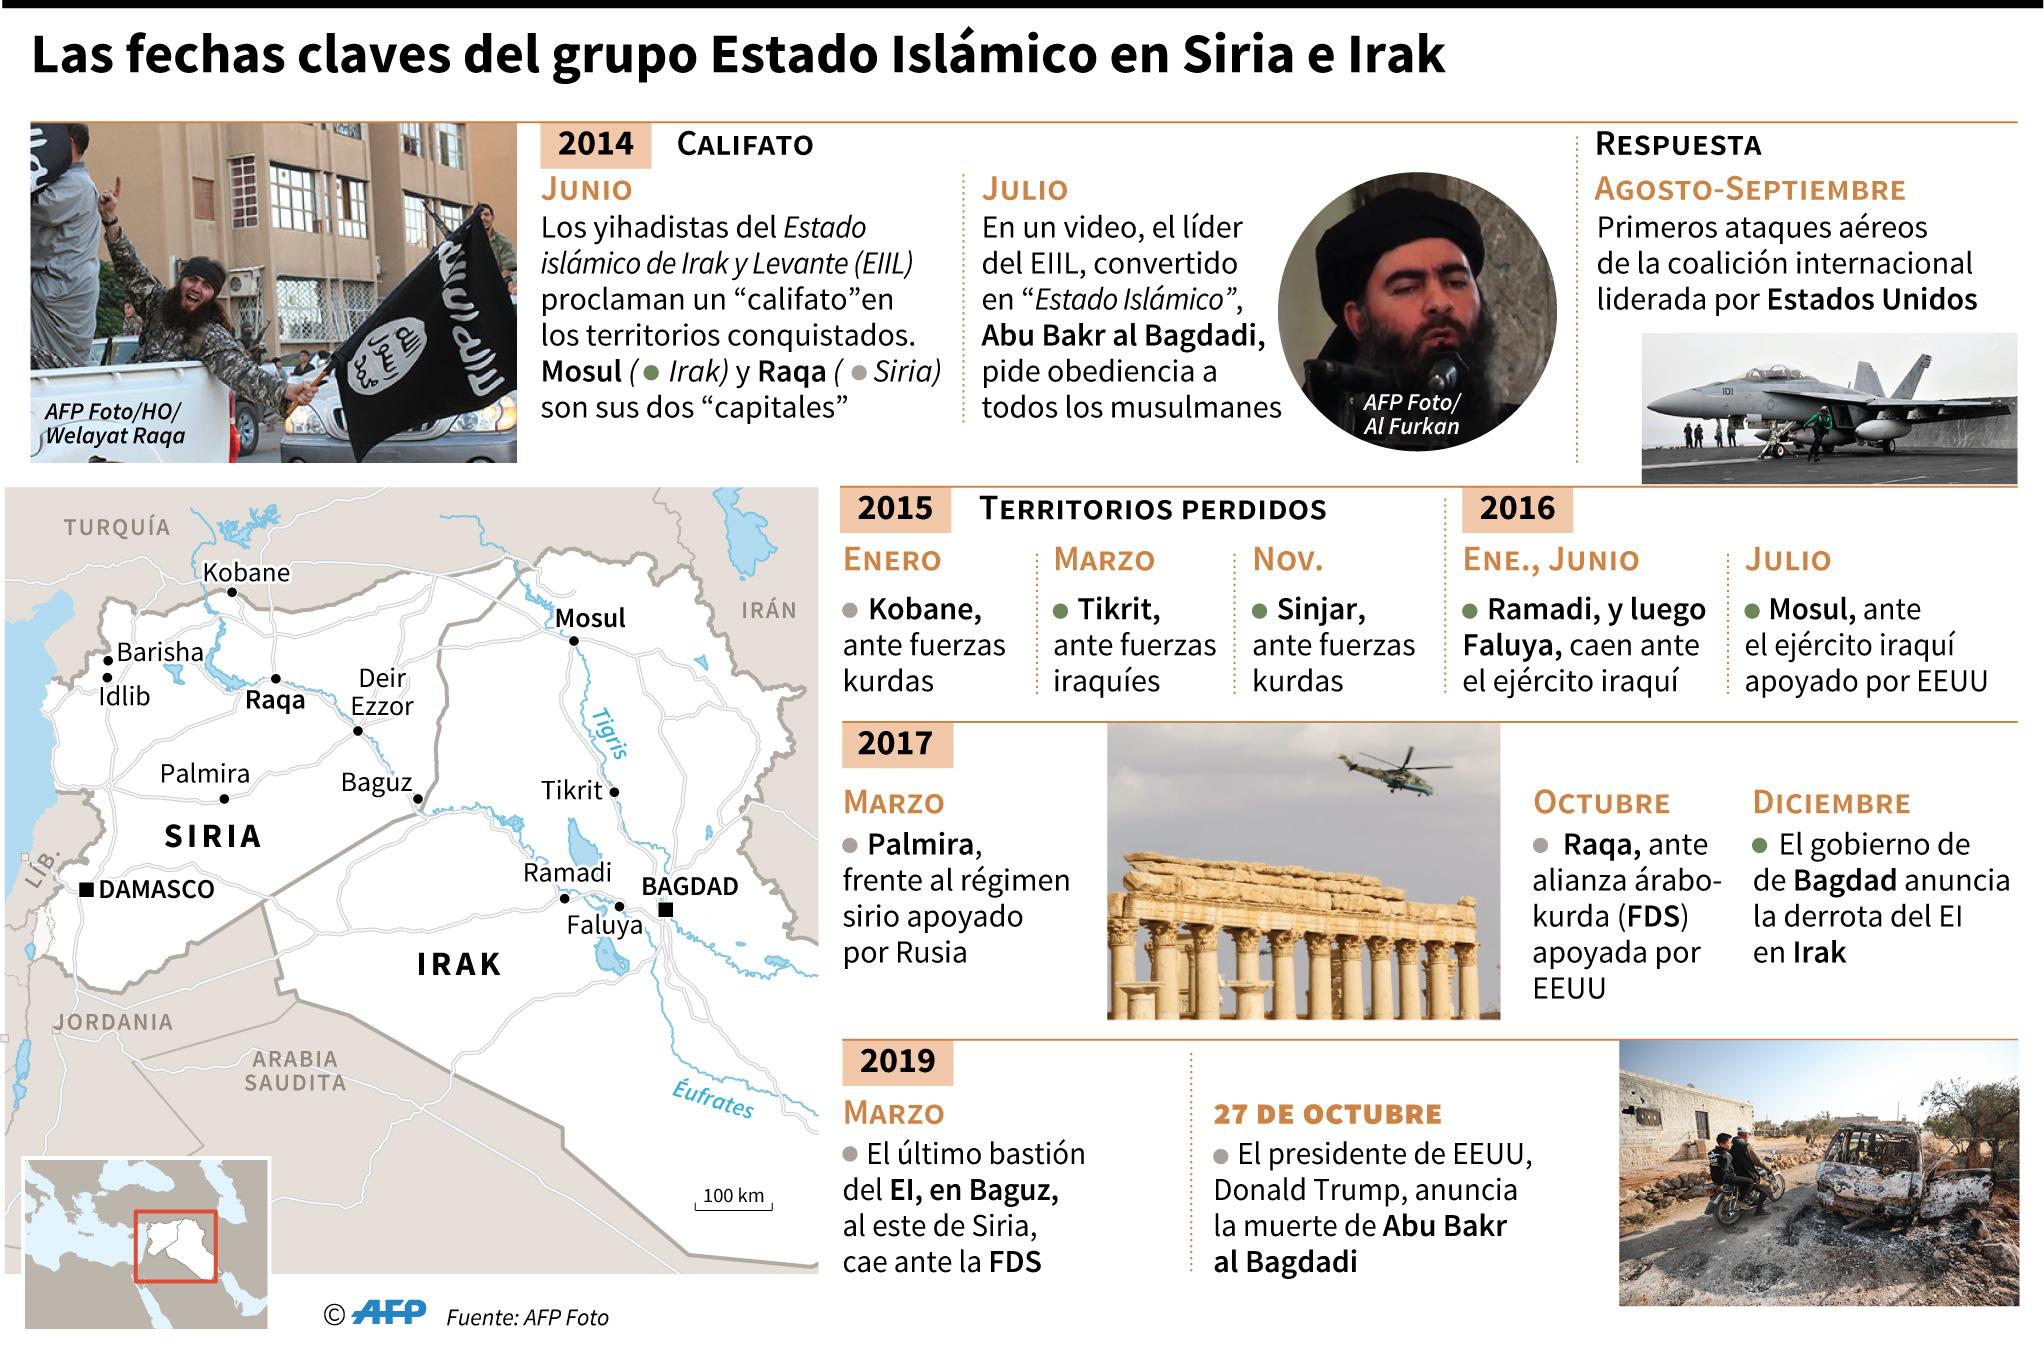 Cronología de la ofensiva contra el grupo Estado Islámico en Siria e Irak. (Infografía: AFP)